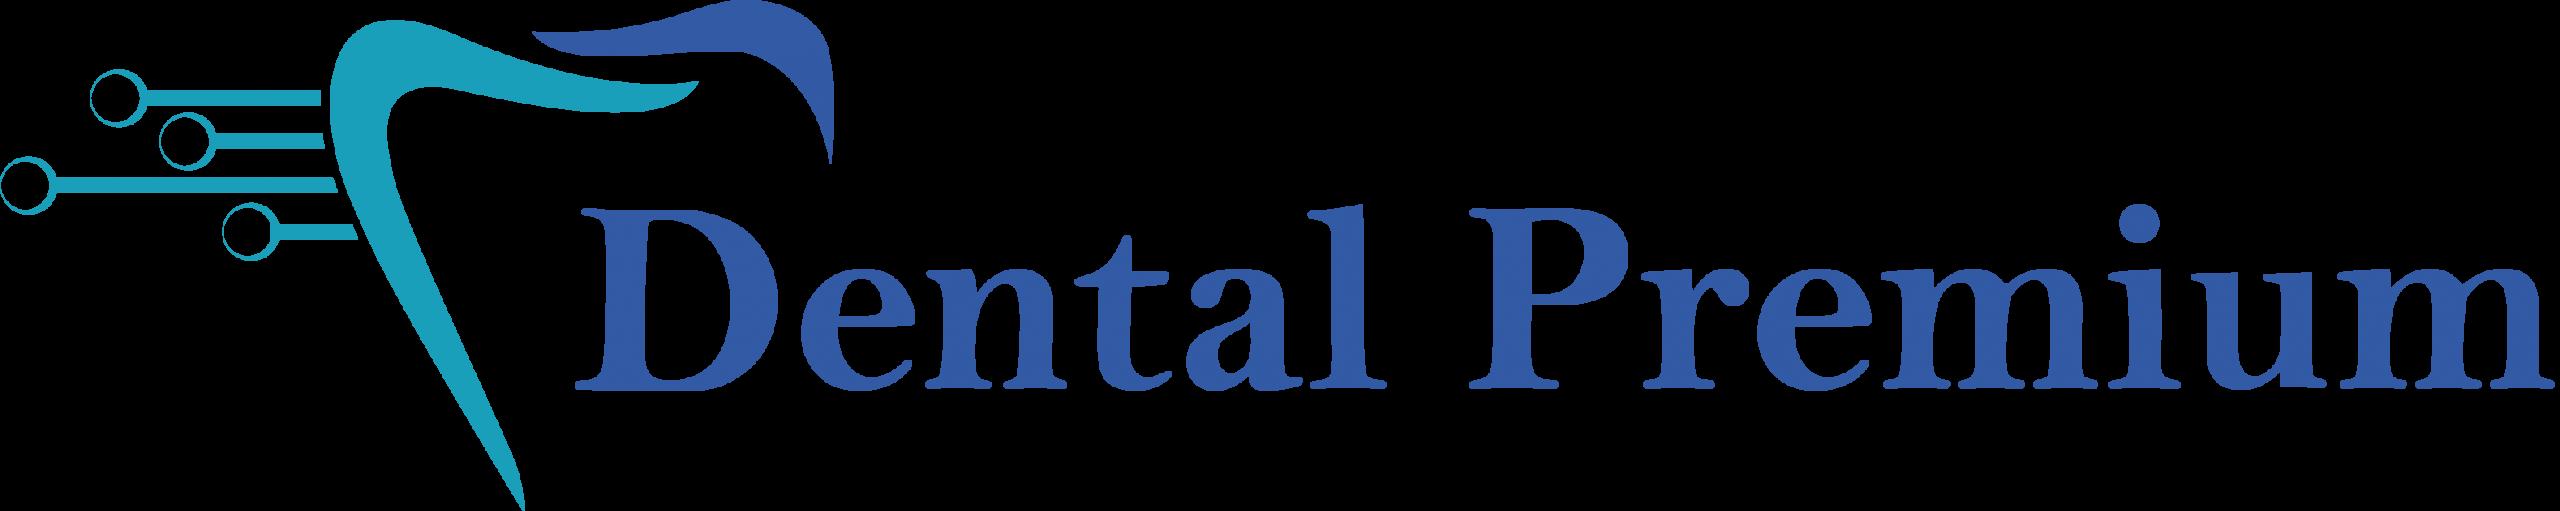 Dental Premium